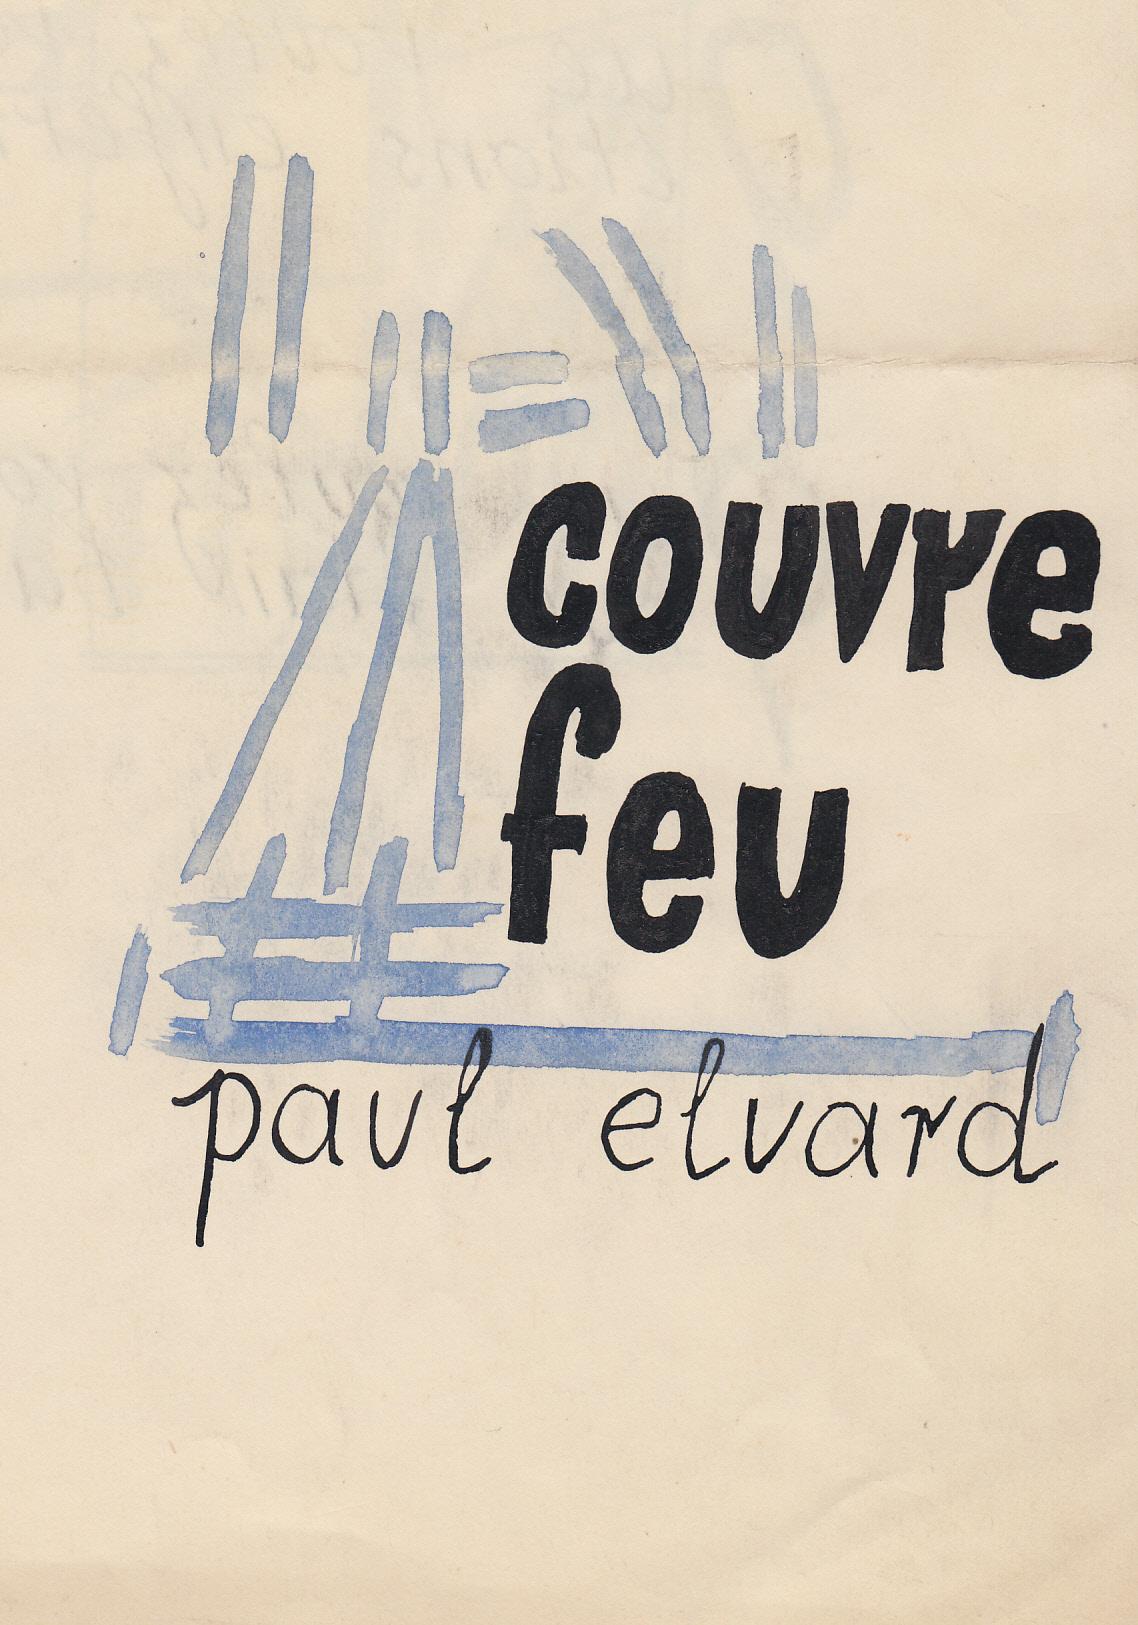 CLAUS, Hugo - Hugo Claus / Paul Eluard ? Couvre feu Origineel handschrift